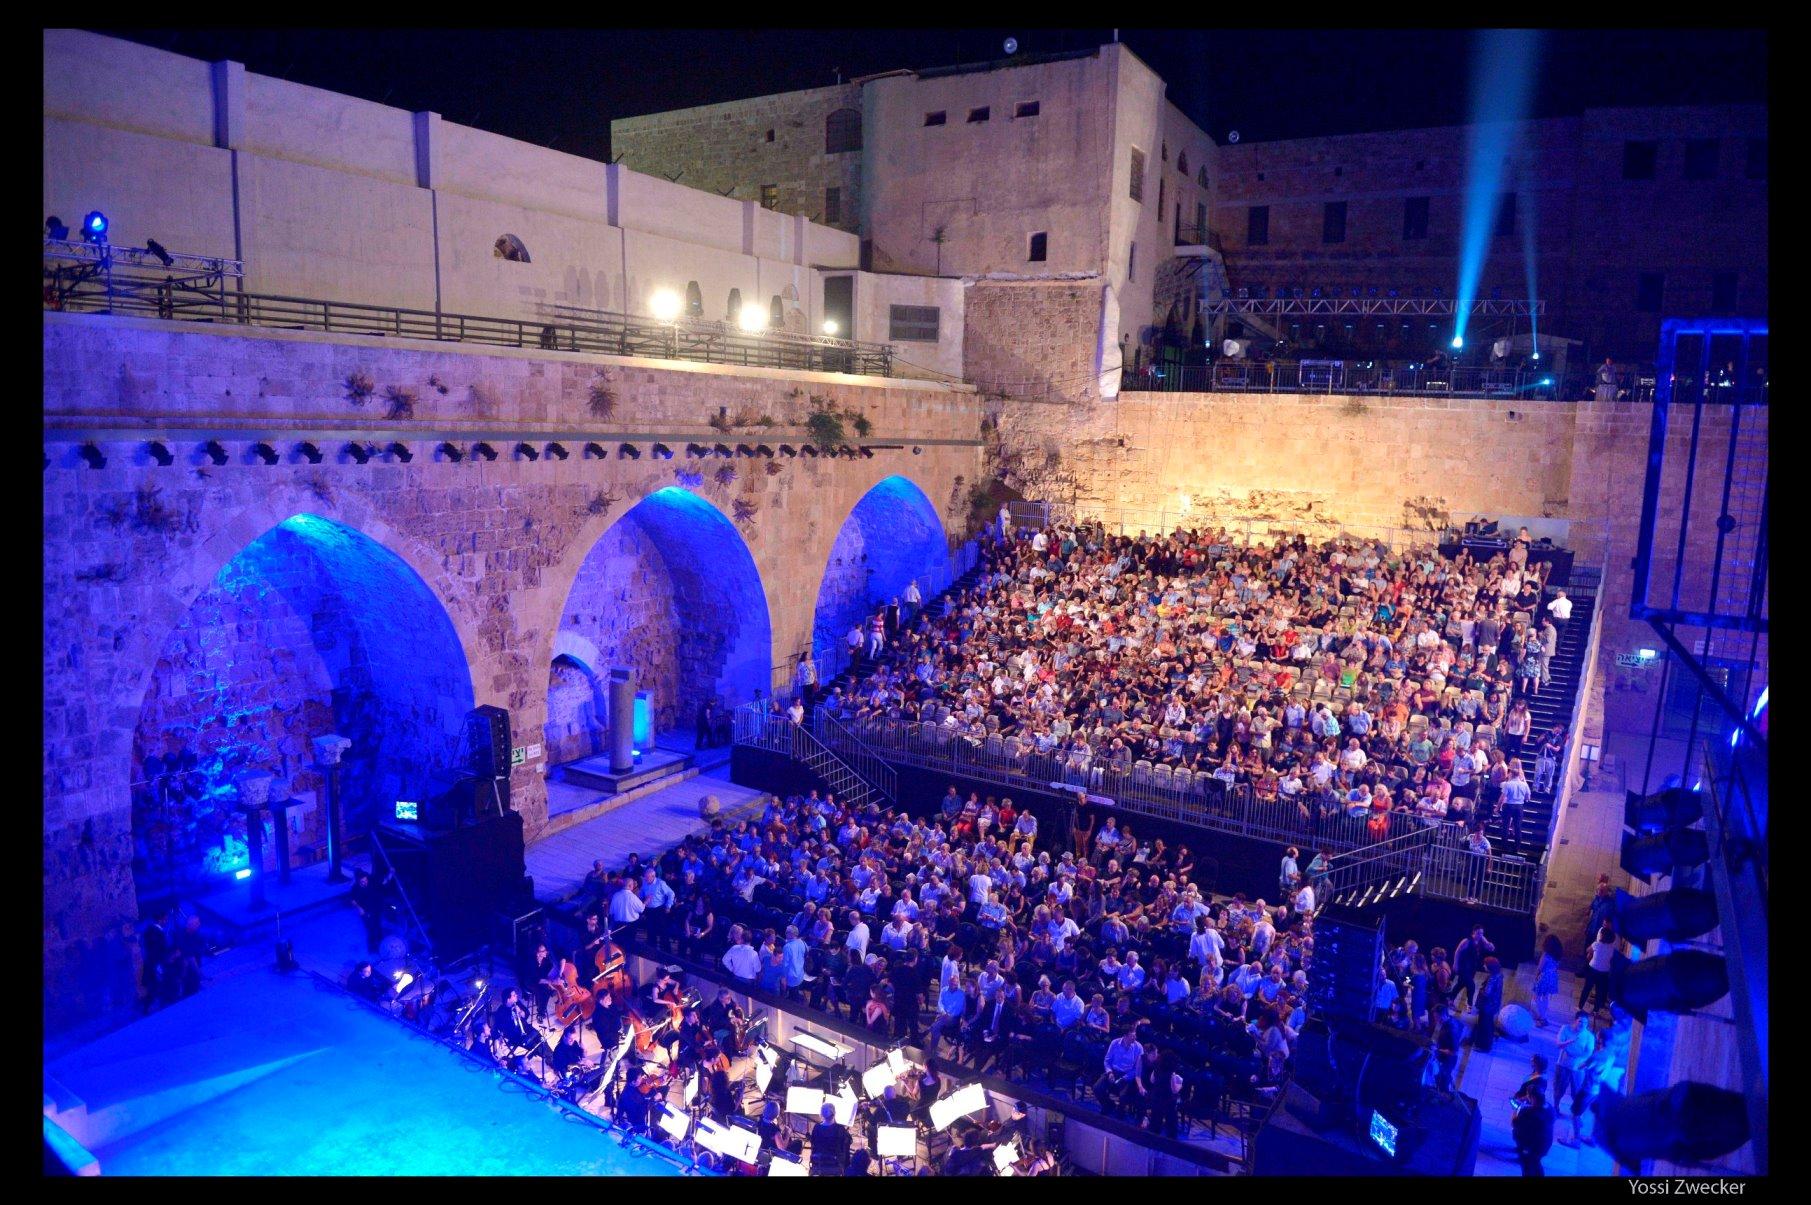 האופרה שרה בעכו צילום יוסי צבקר